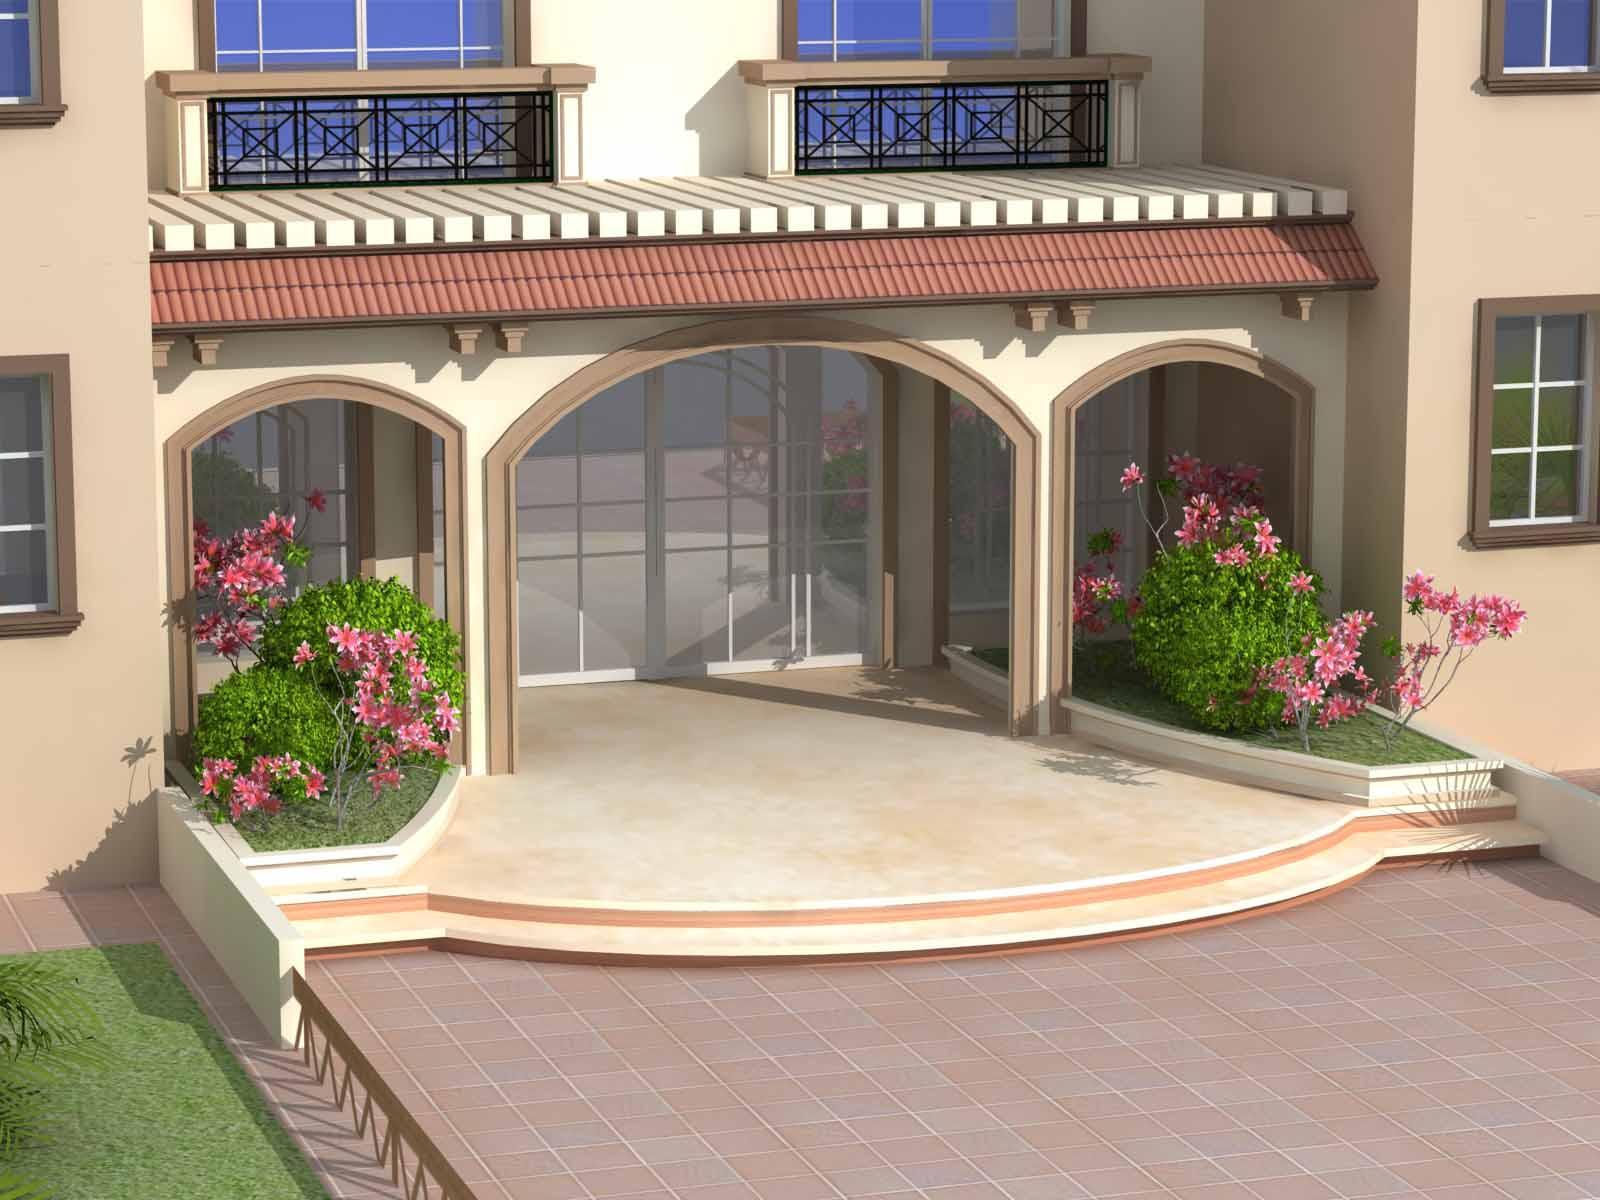 صور منزل فخم , اجمل استايلات المنازل الحديثة